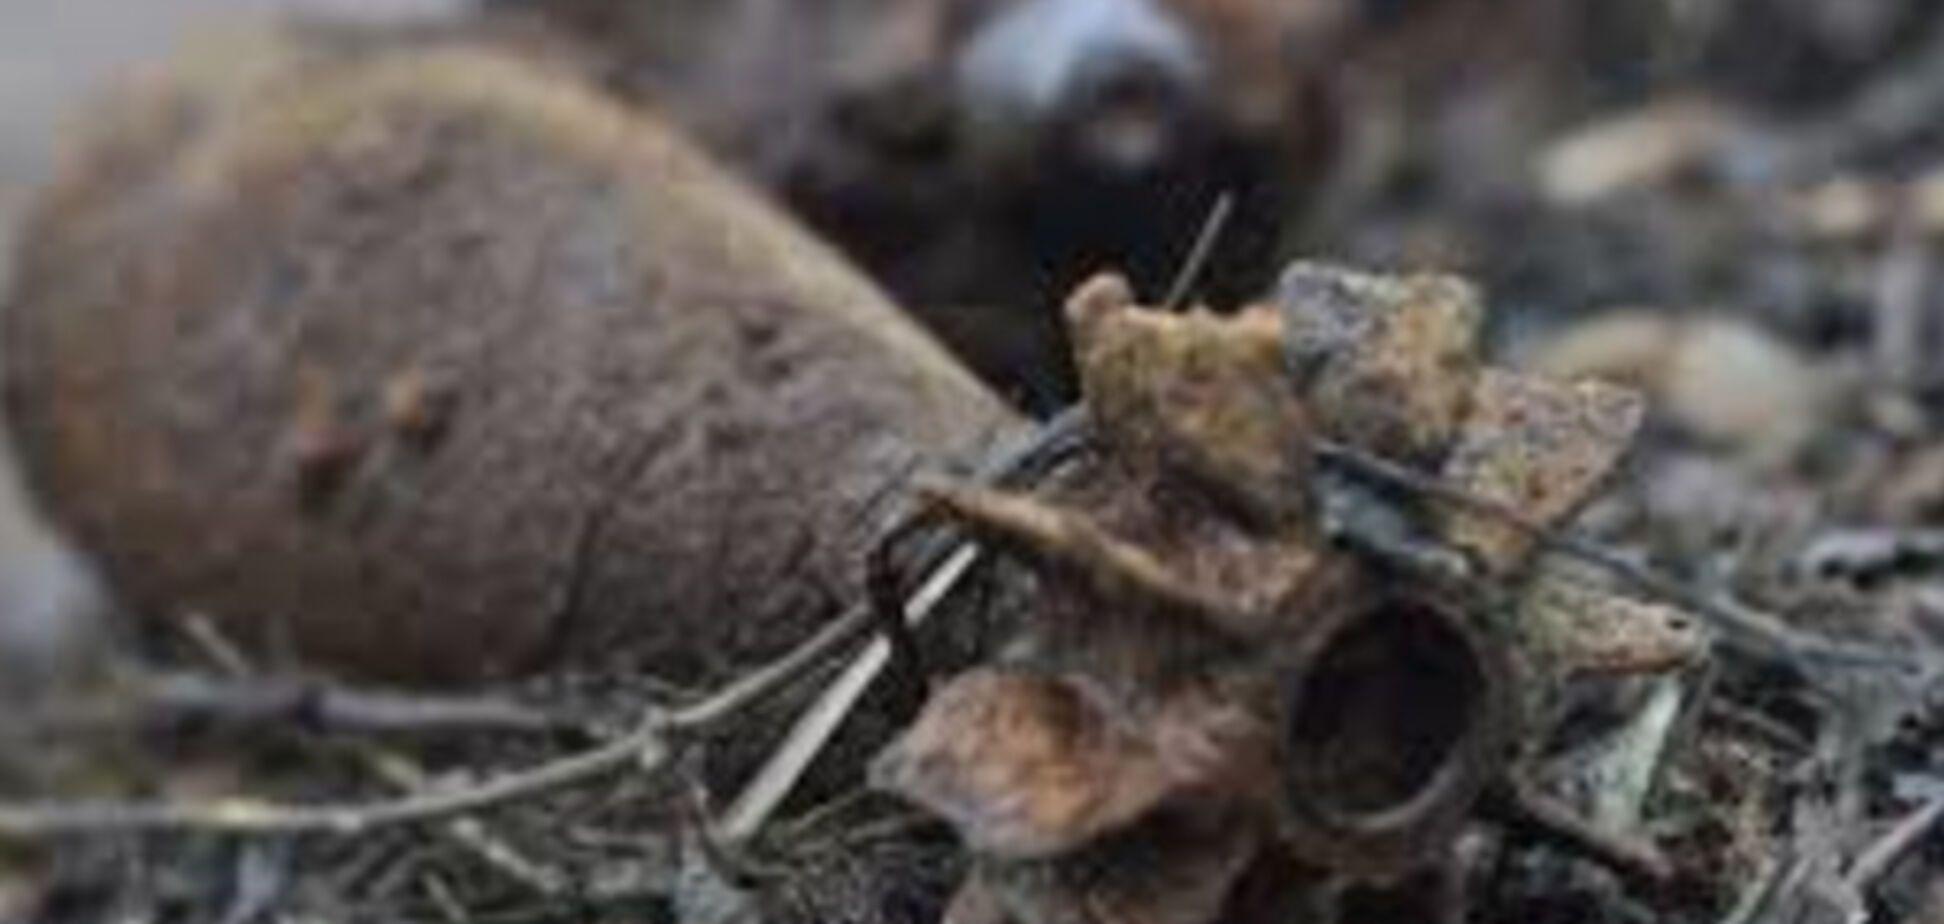 В Запорожье обнаружены опасные объекты времен Второй мировой